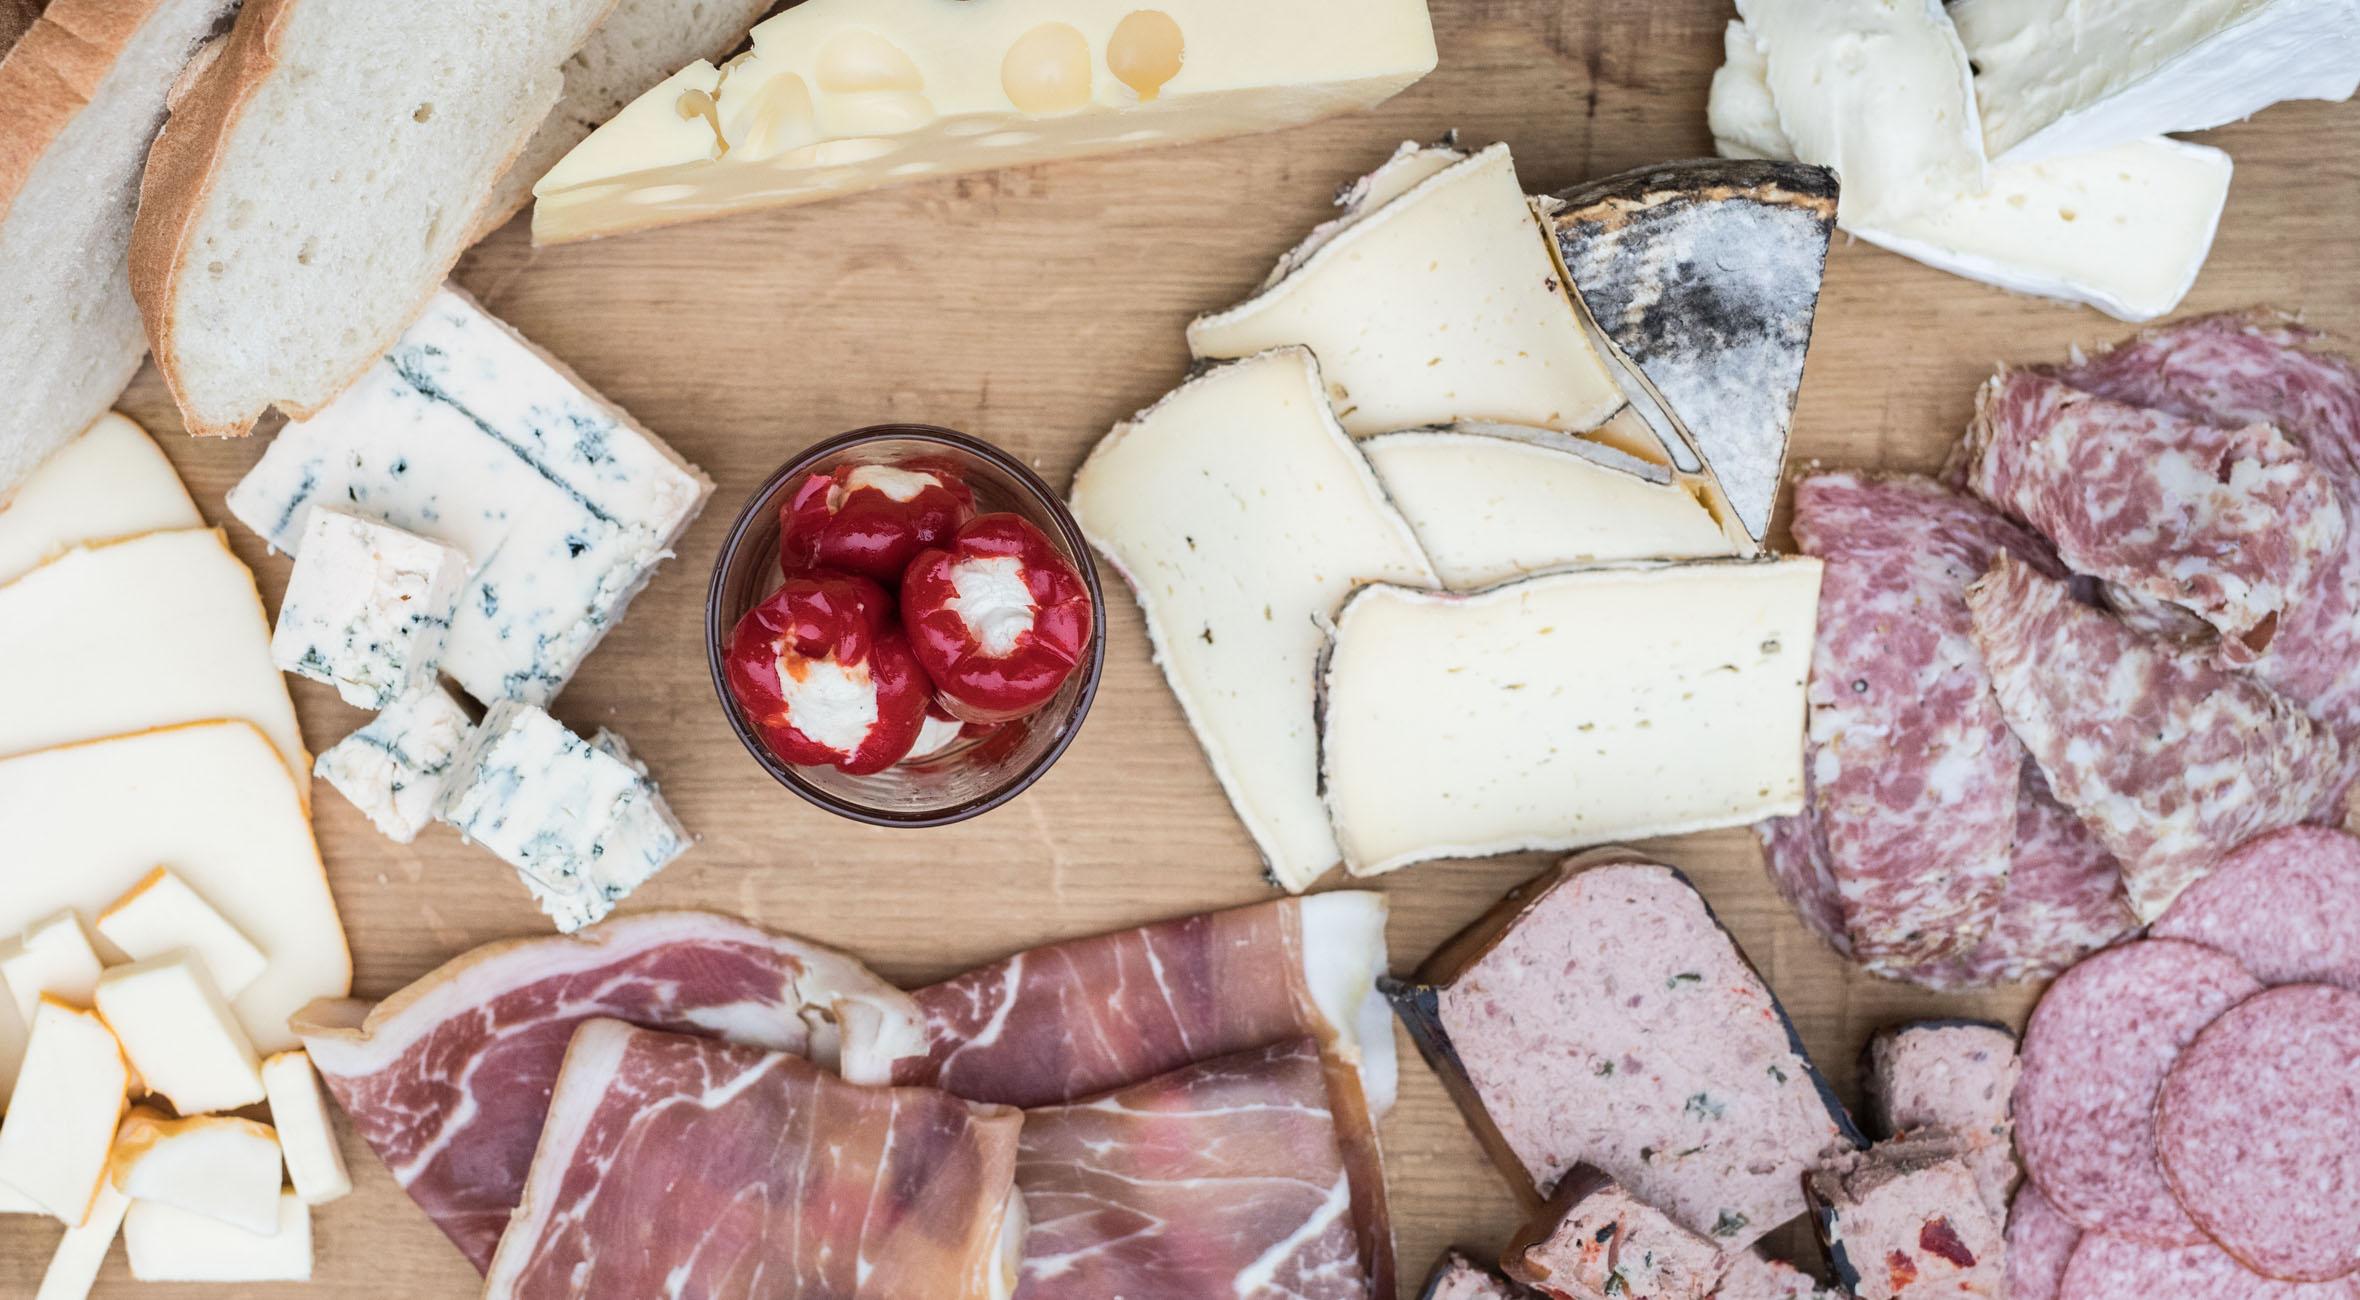 Hæderkronet oste- og delikatessebutik byder på oste, pølser, patéer & skinker i verdensklasse